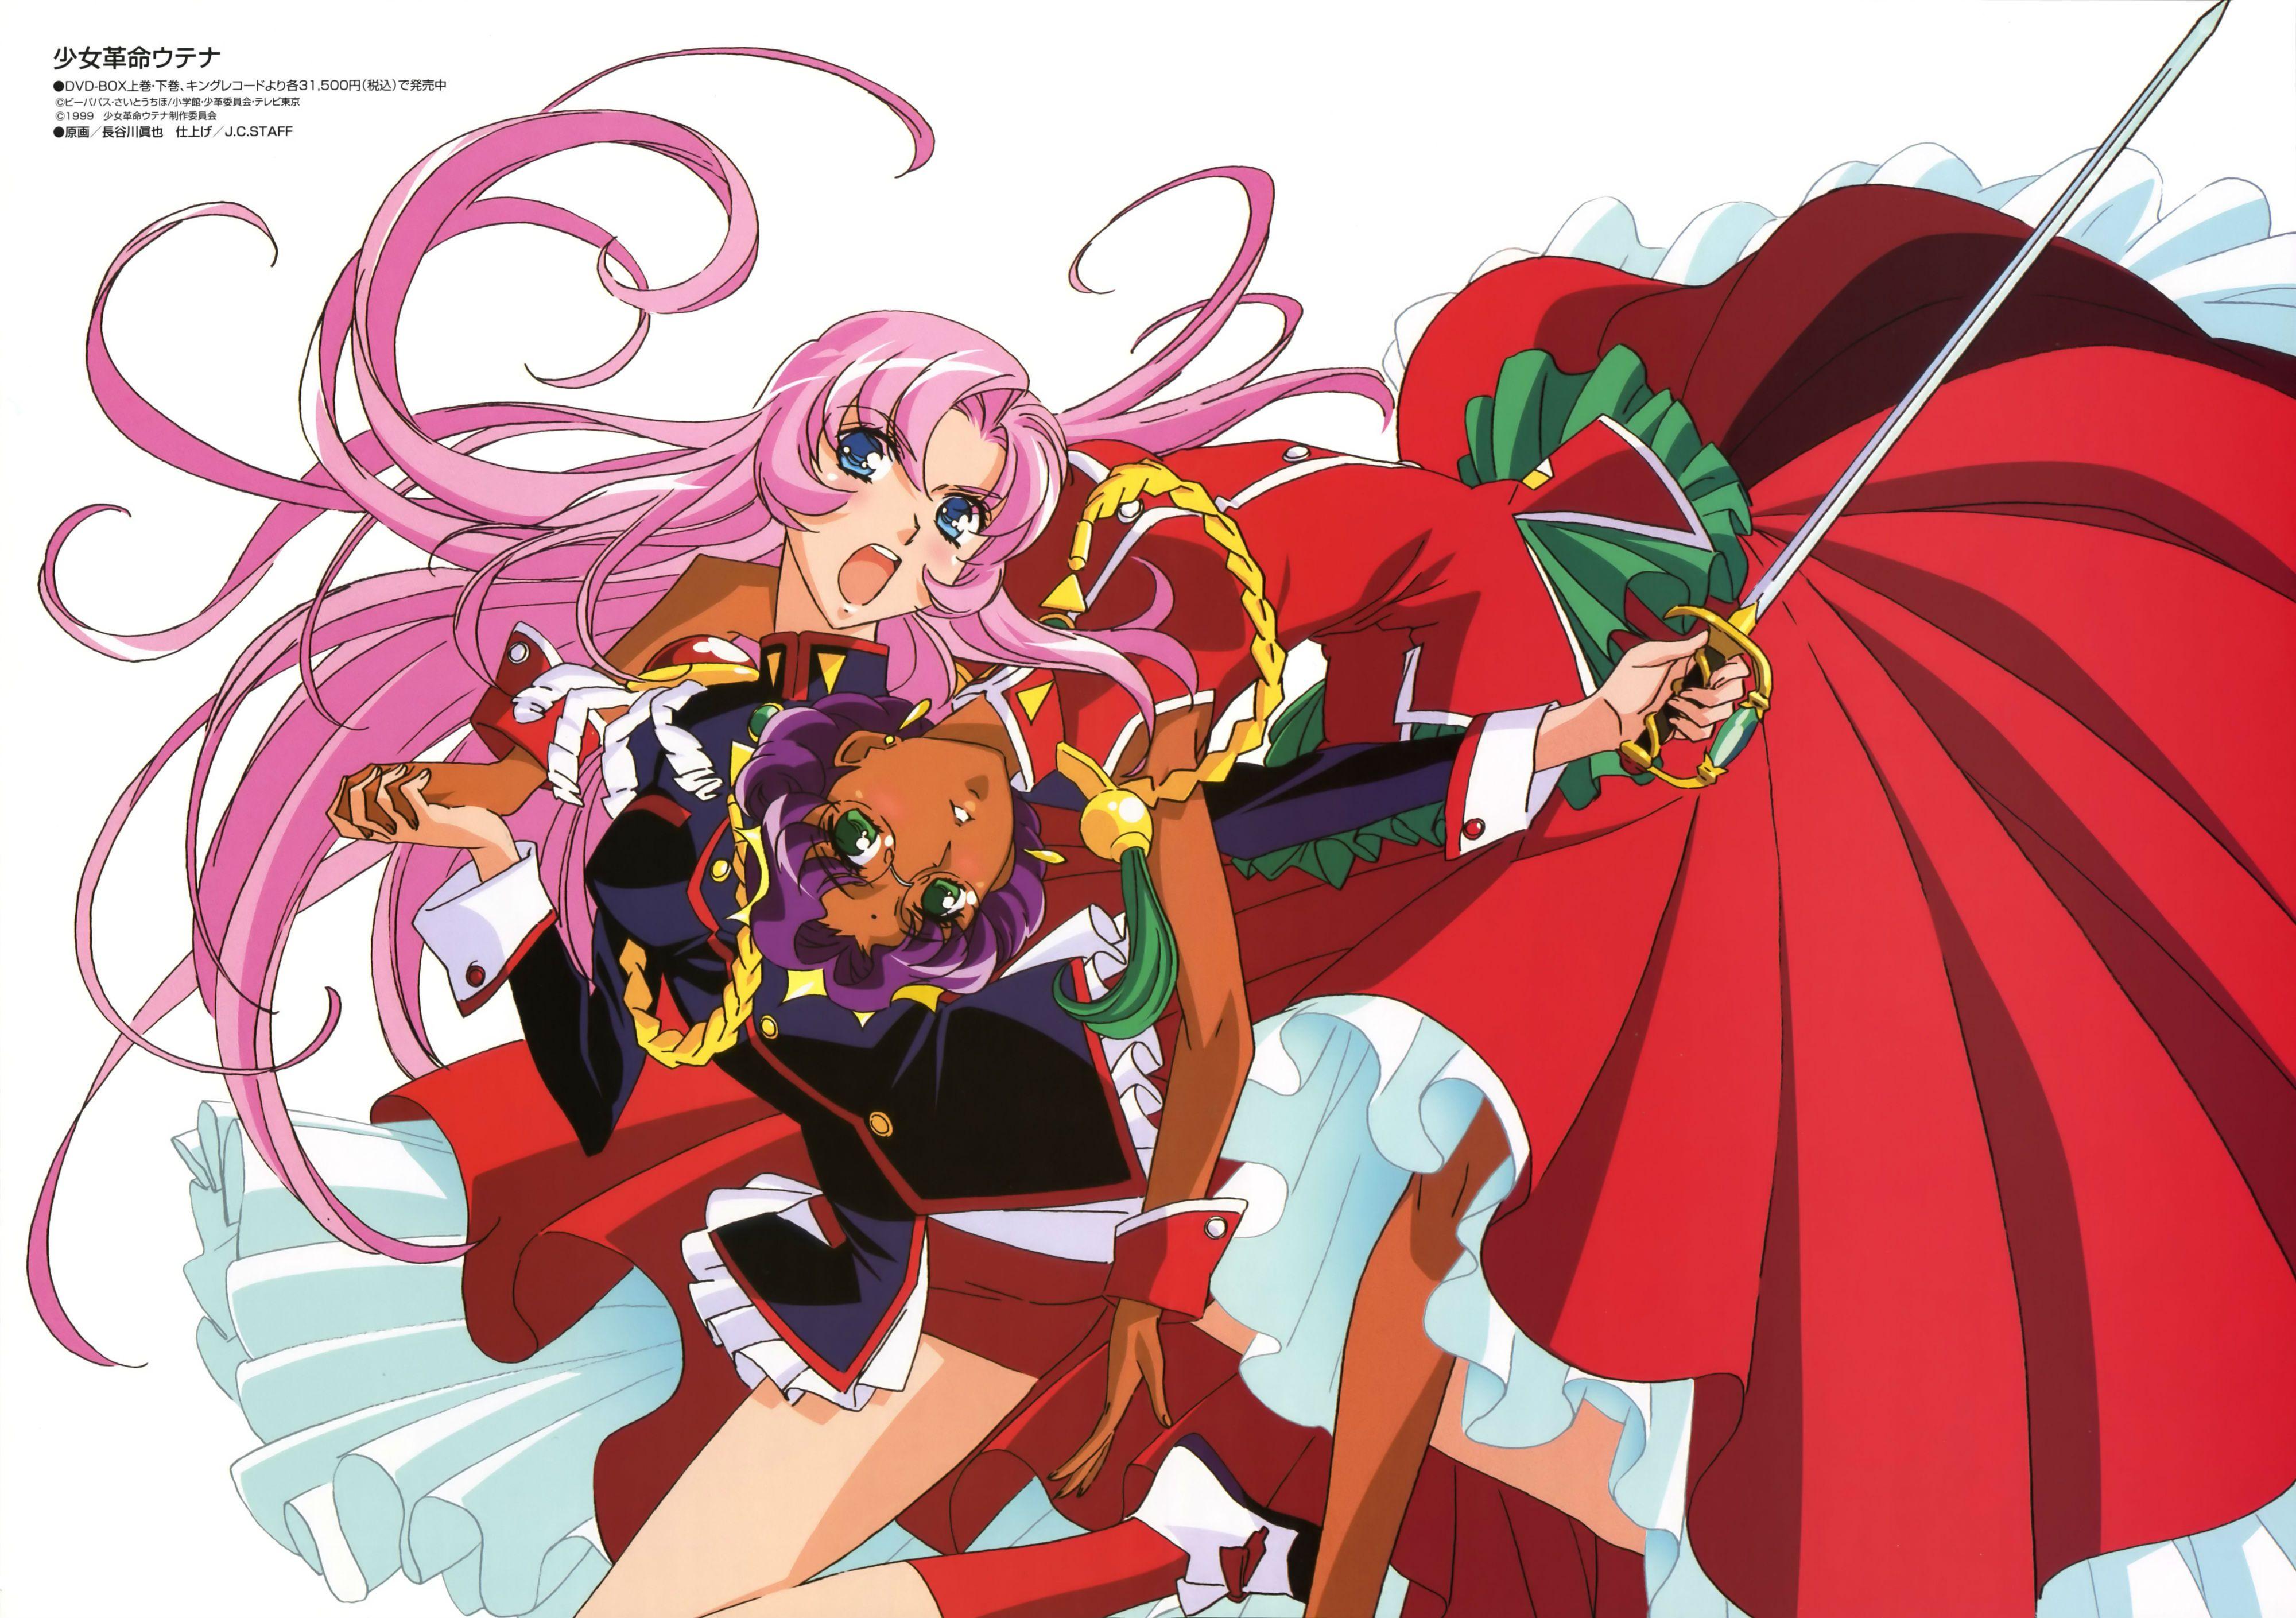 228379.jpg (4000×2818) Anime, Utena, Revolutionary girl